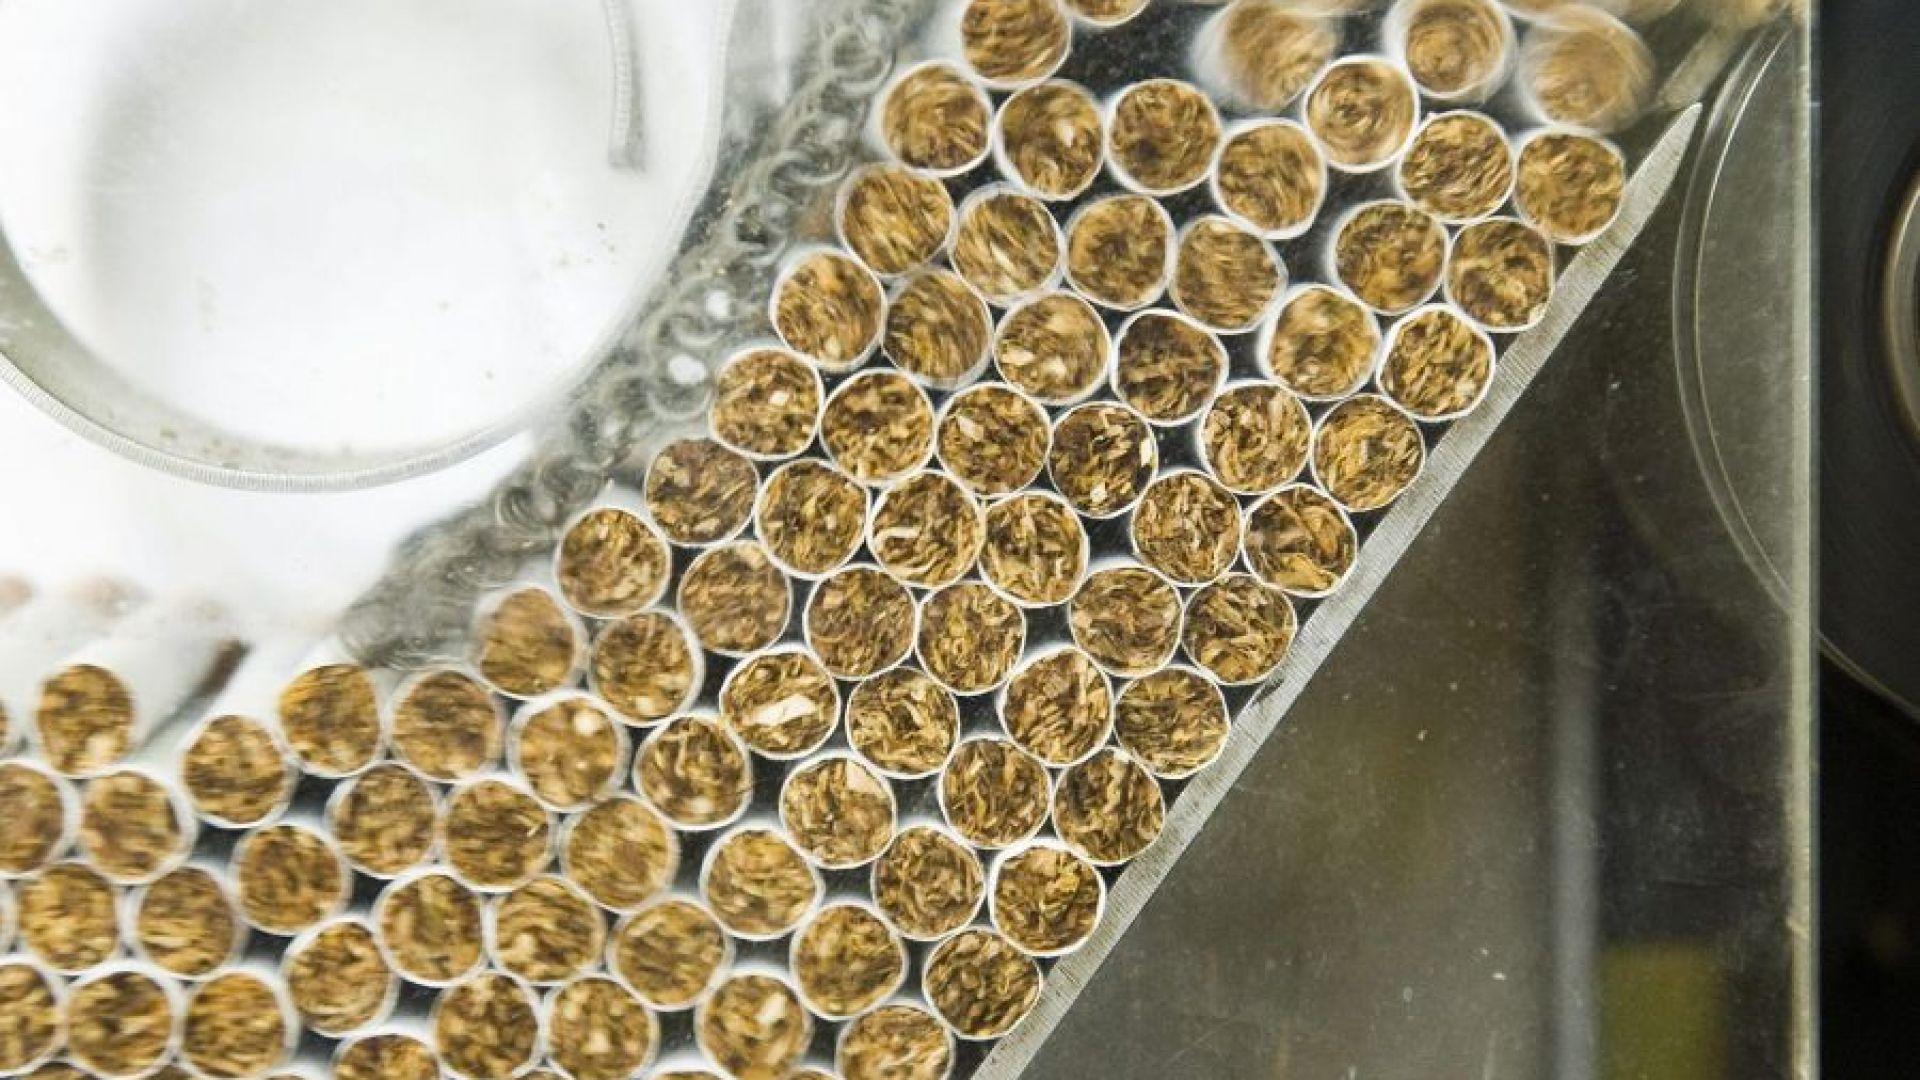 България на 6-та позиция в ЕС по производство на цигари